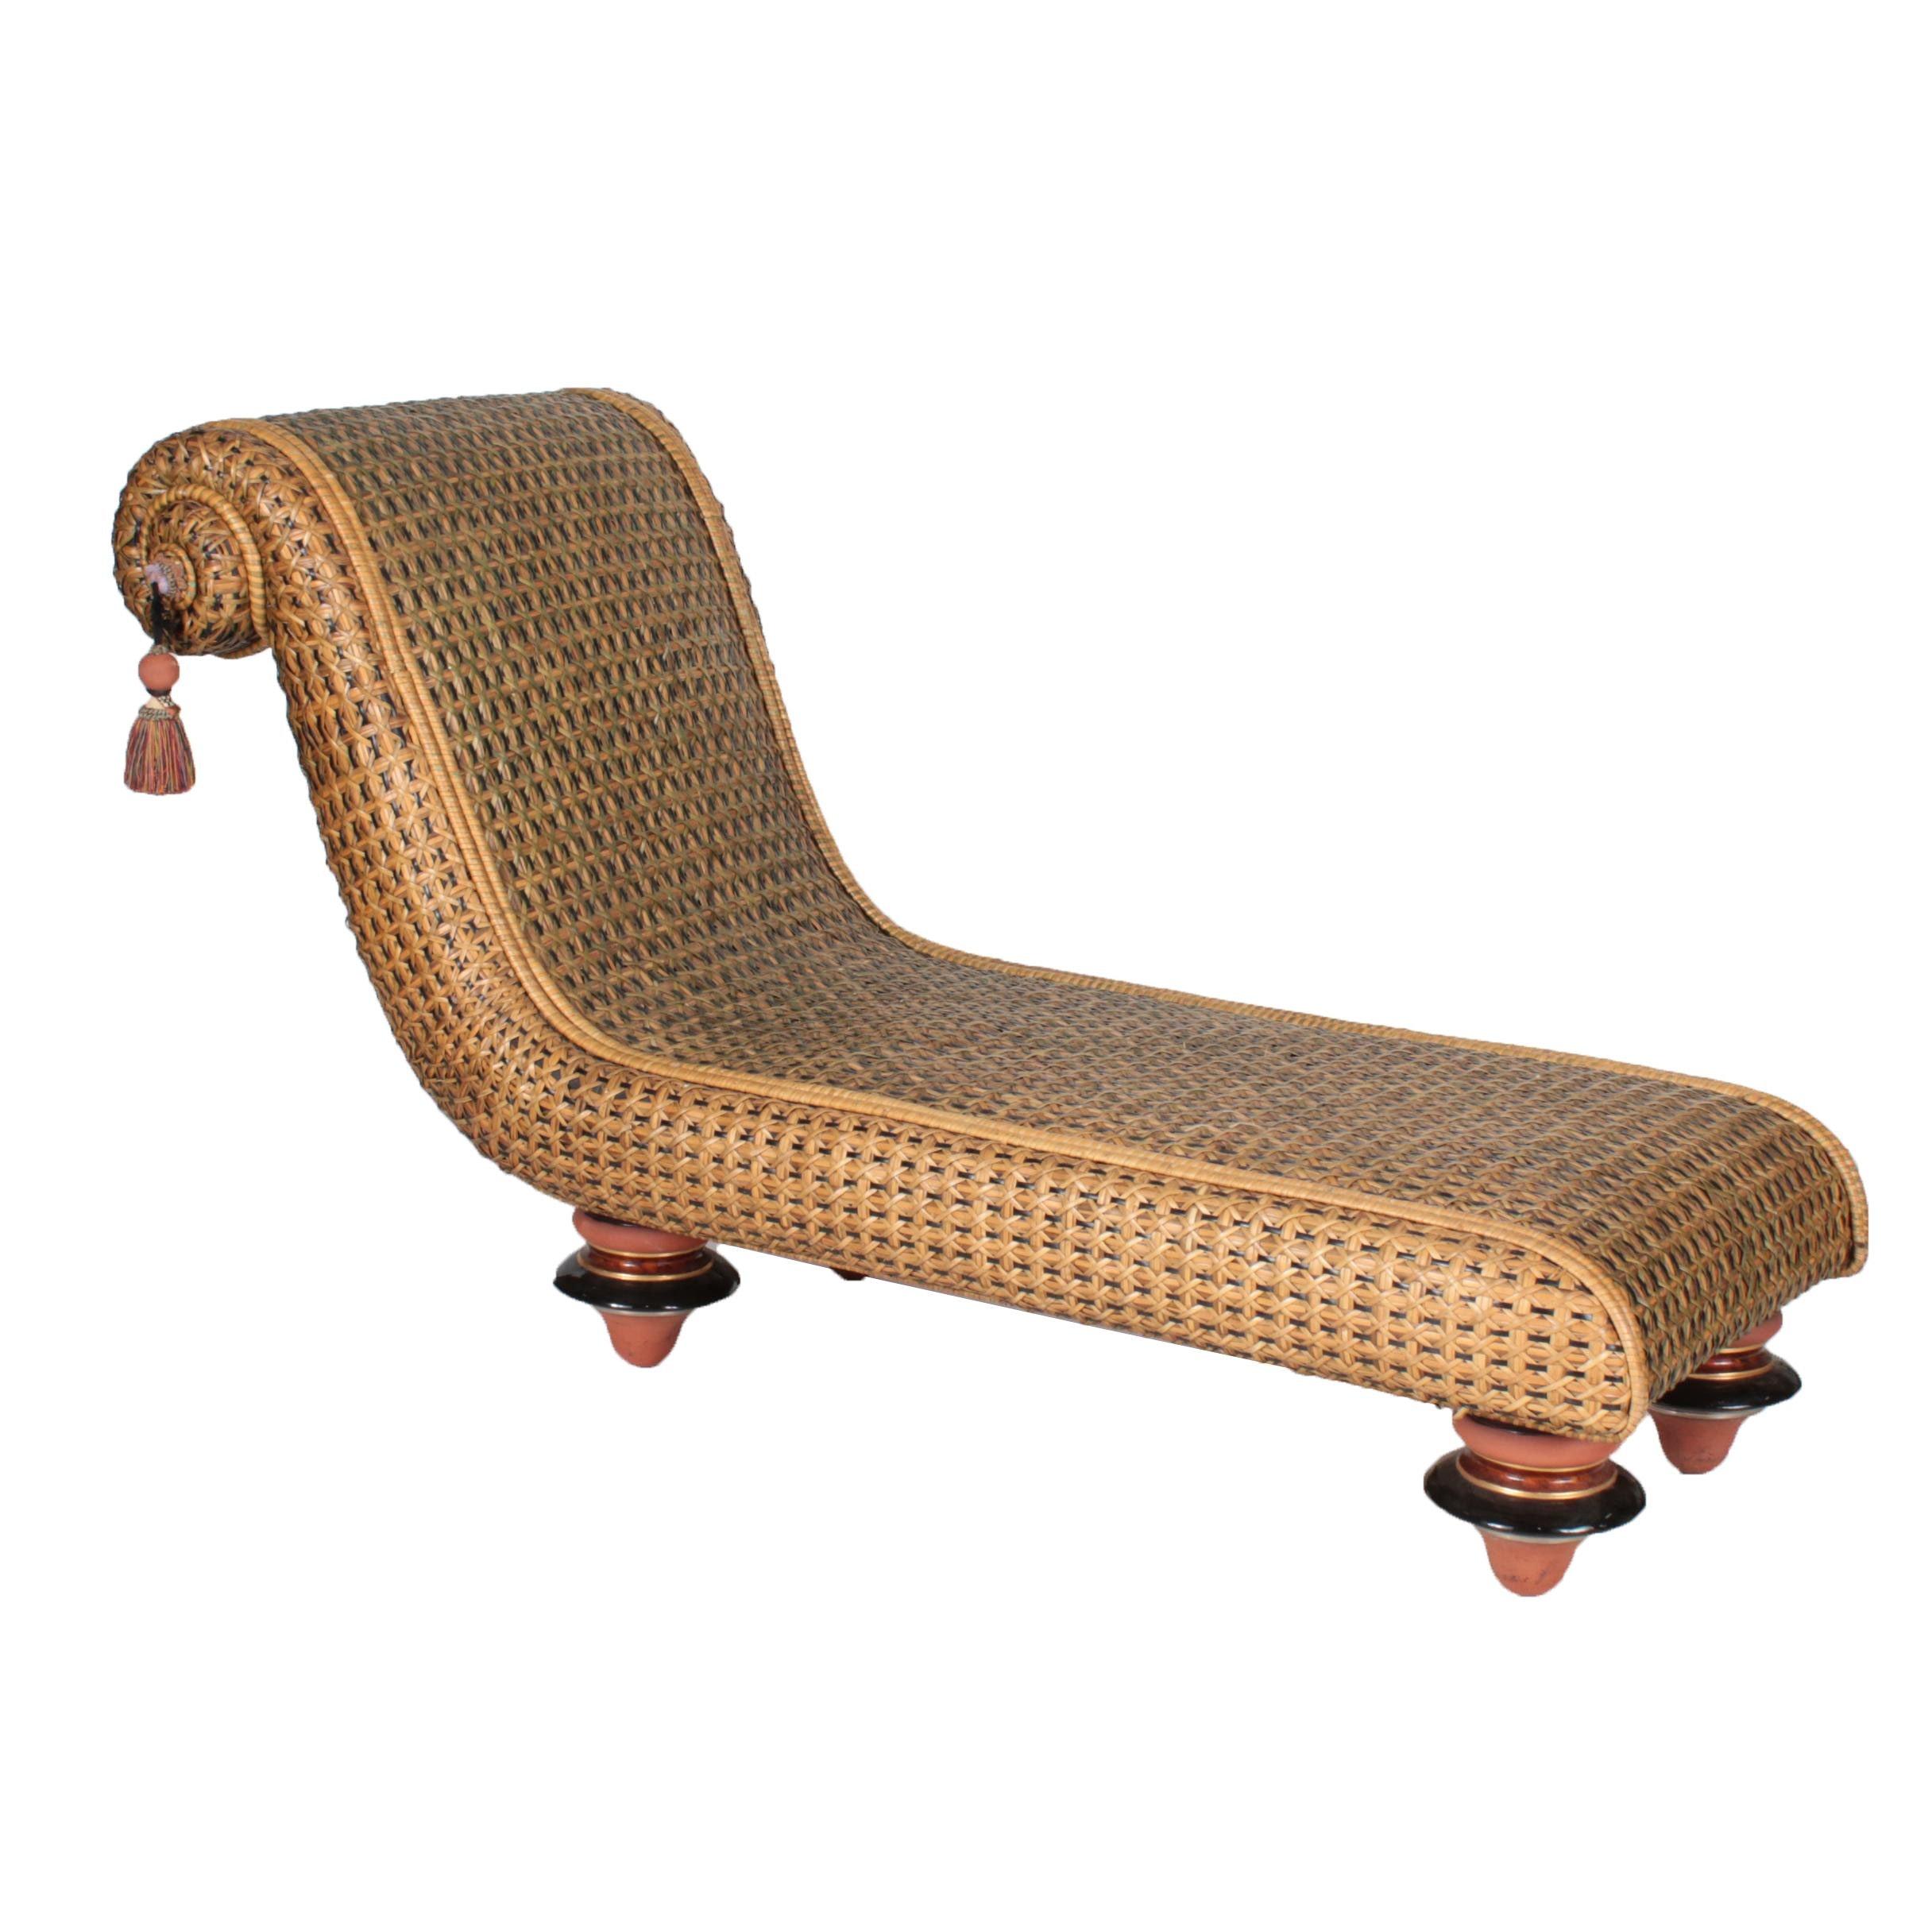 MacKenzie-Childs Rattan Chaise Lounge